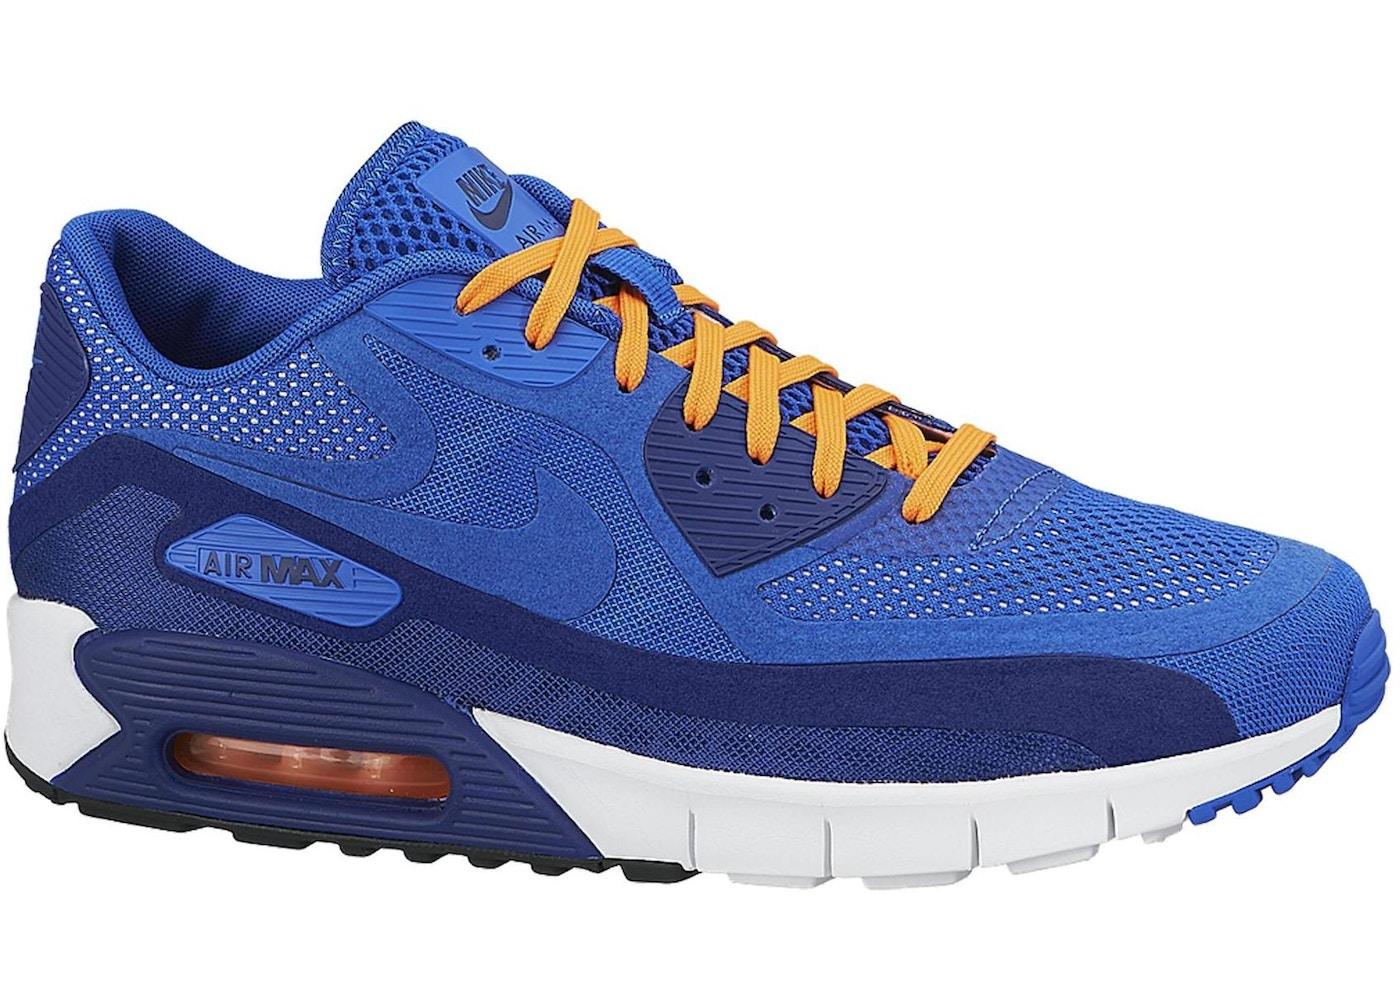 sports shoes 7ae29 52465 Air Max 90 Breathe Hyper Cobalt - 644204-400